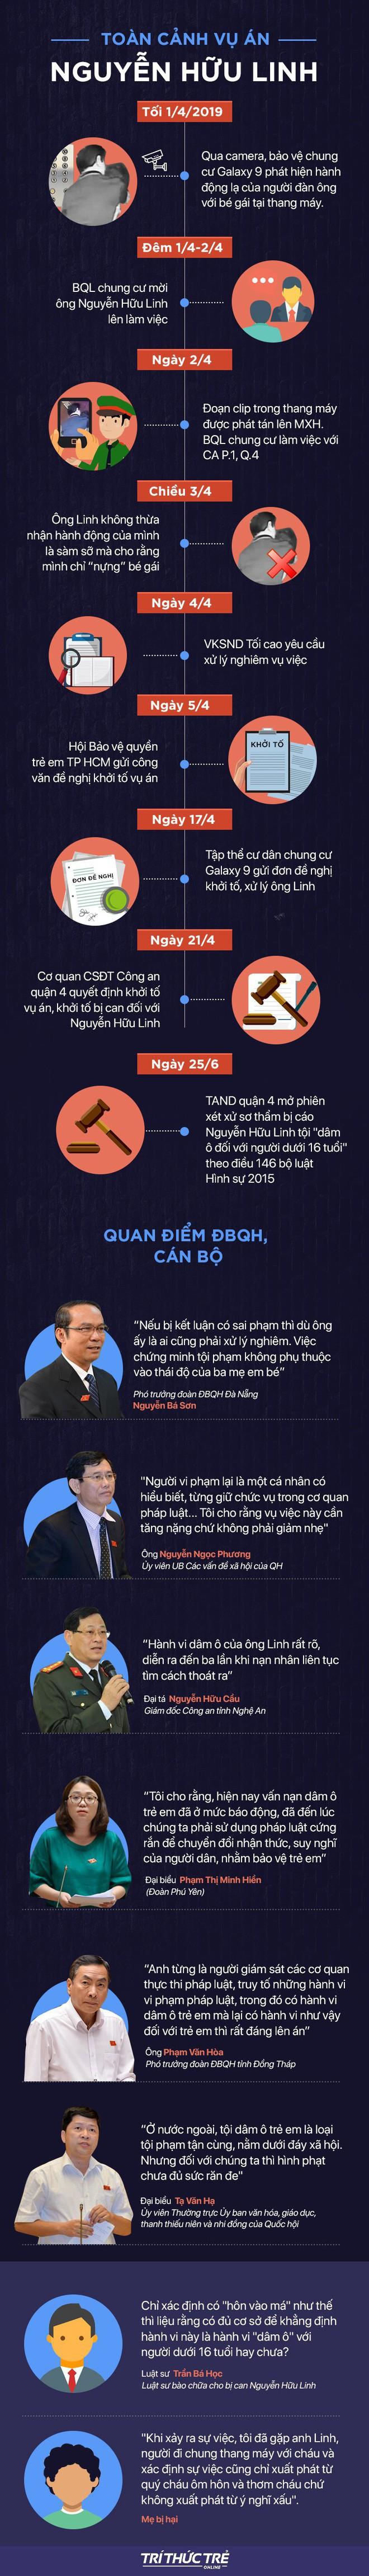 Không đủ cơ sở kết luận bàn tay trái của ông Nguyễn Hữu Linh chạm vào vùng nhạy cảm bé gái  - Ảnh 3.